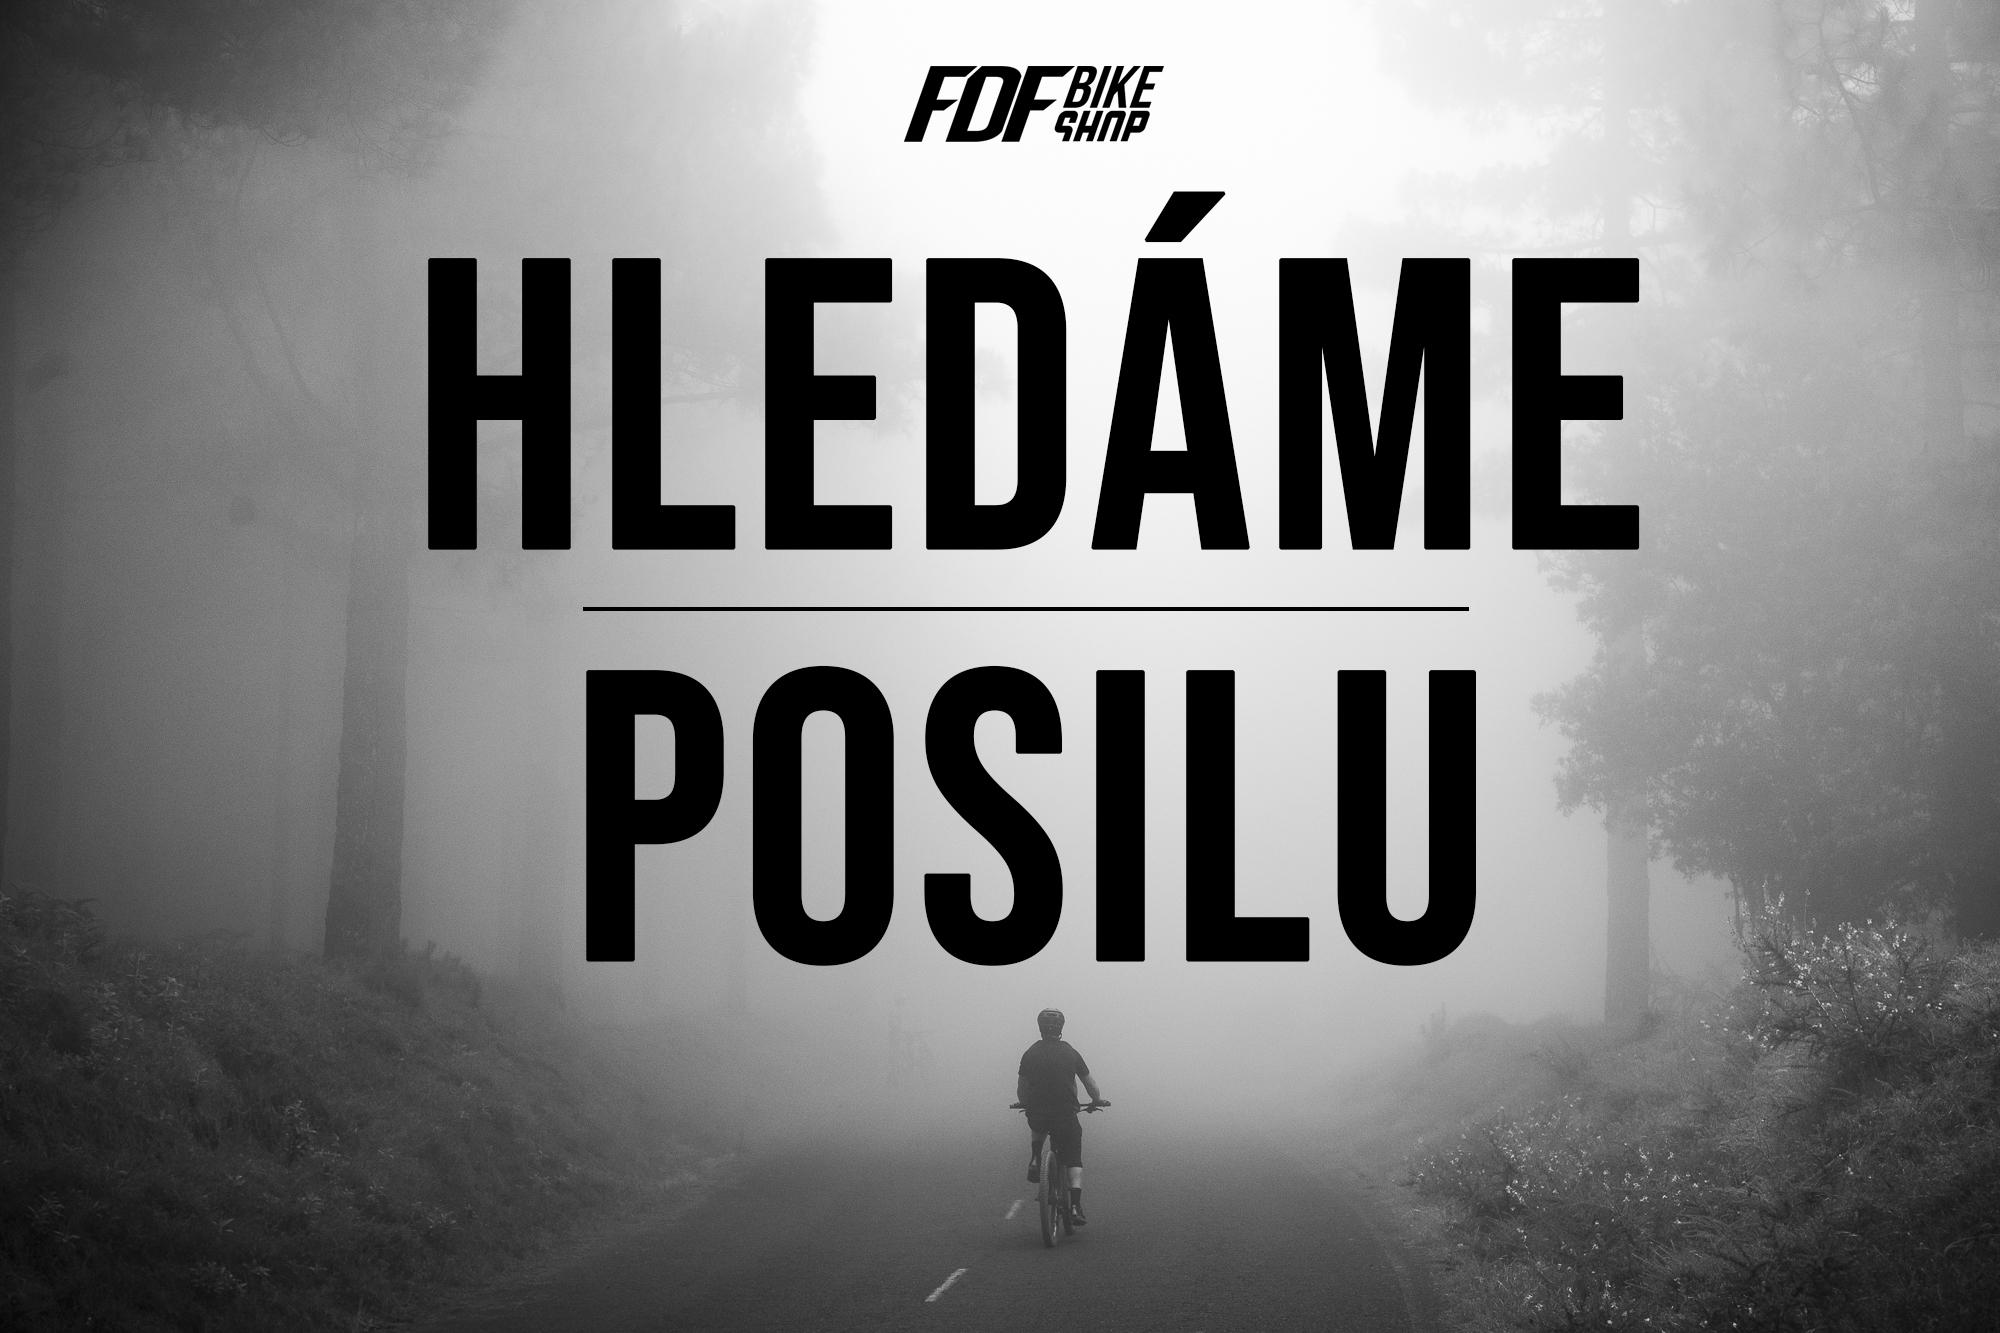 HLEDÁME POSILU